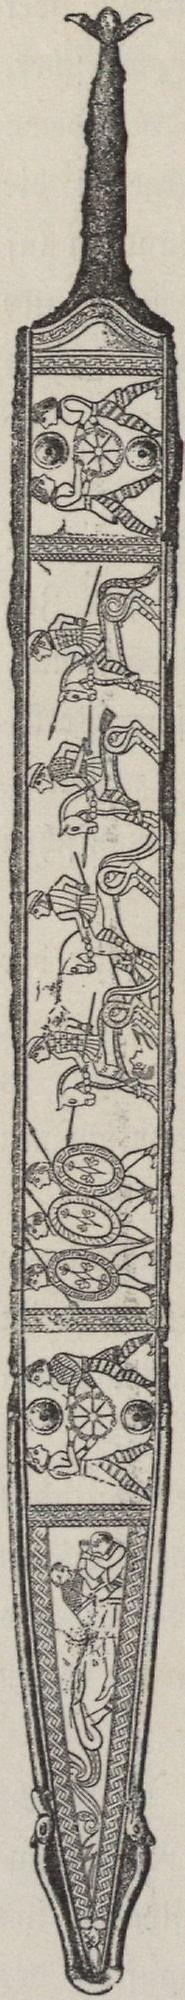 Bronzeschwert Hallstatt